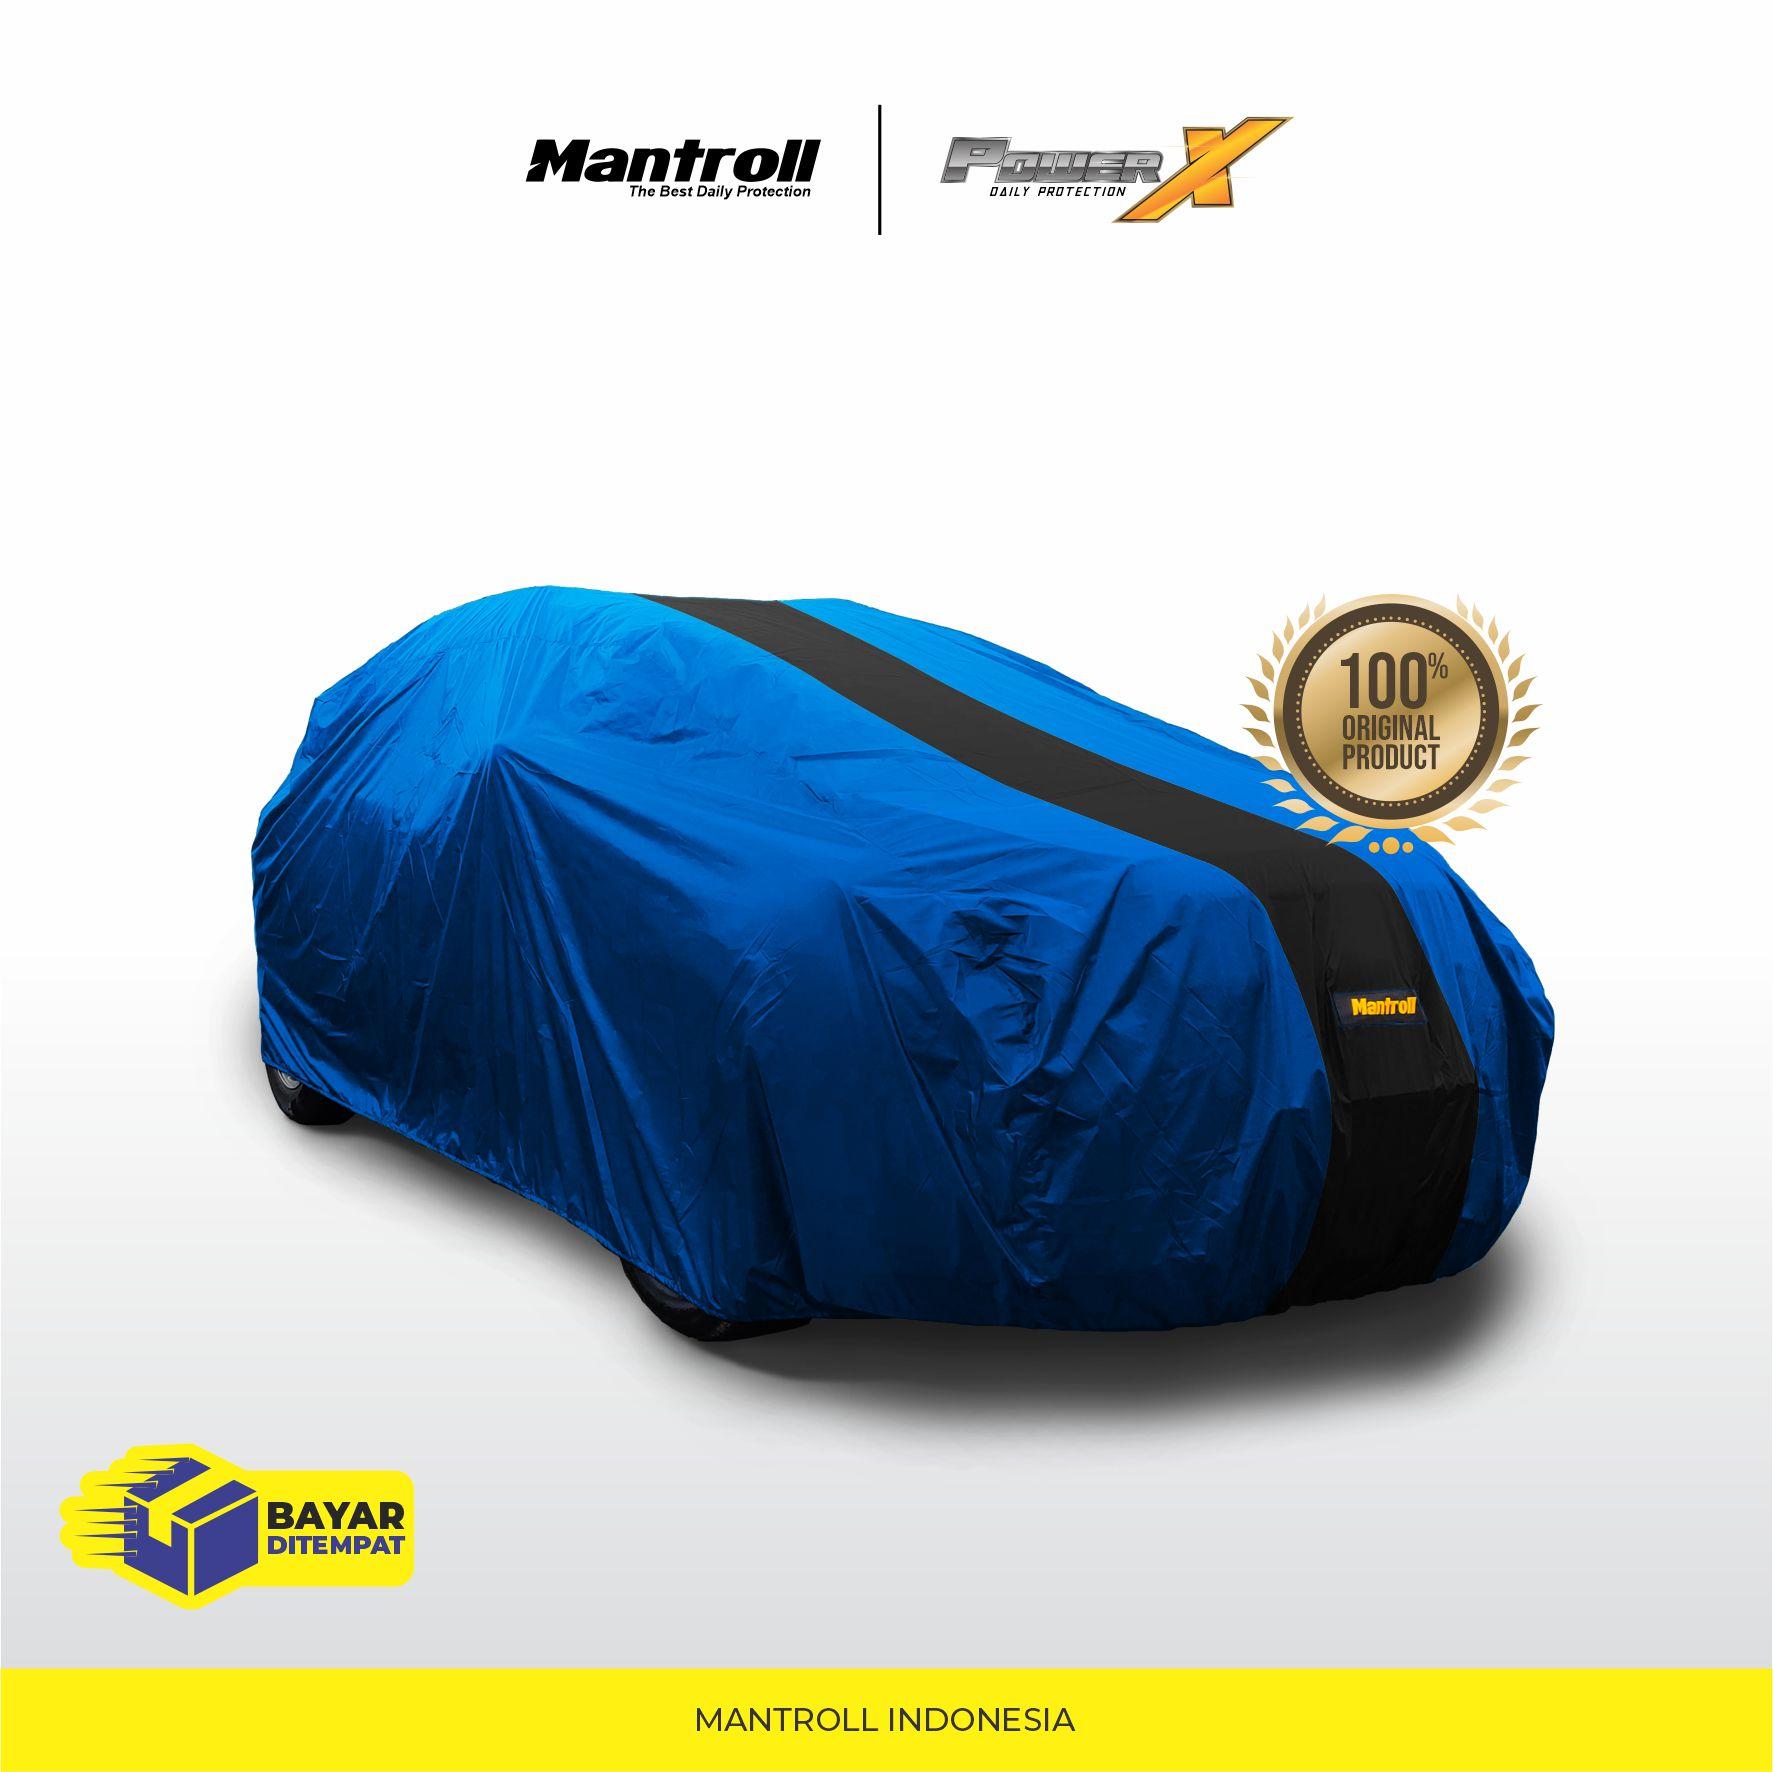 paling dicari – mantroll cover mobil / sarung mobil / mantel mobil /tutup mobil  pelindung mobil khusus honda mobilio – spesial kombinasi